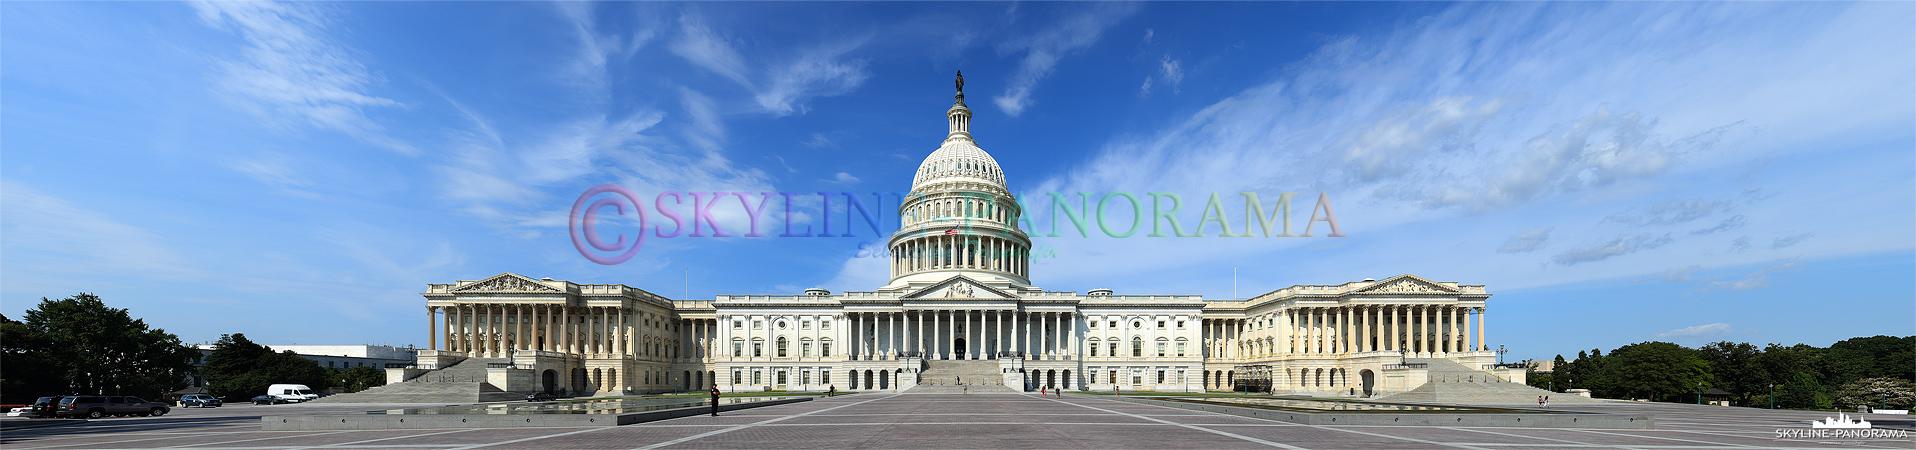 United States Capitol – Die Ostansicht vom Capitol, dem Sitz des Kongresses der Vereinigten Staaten von America. Das Panorama entstand am Tag.